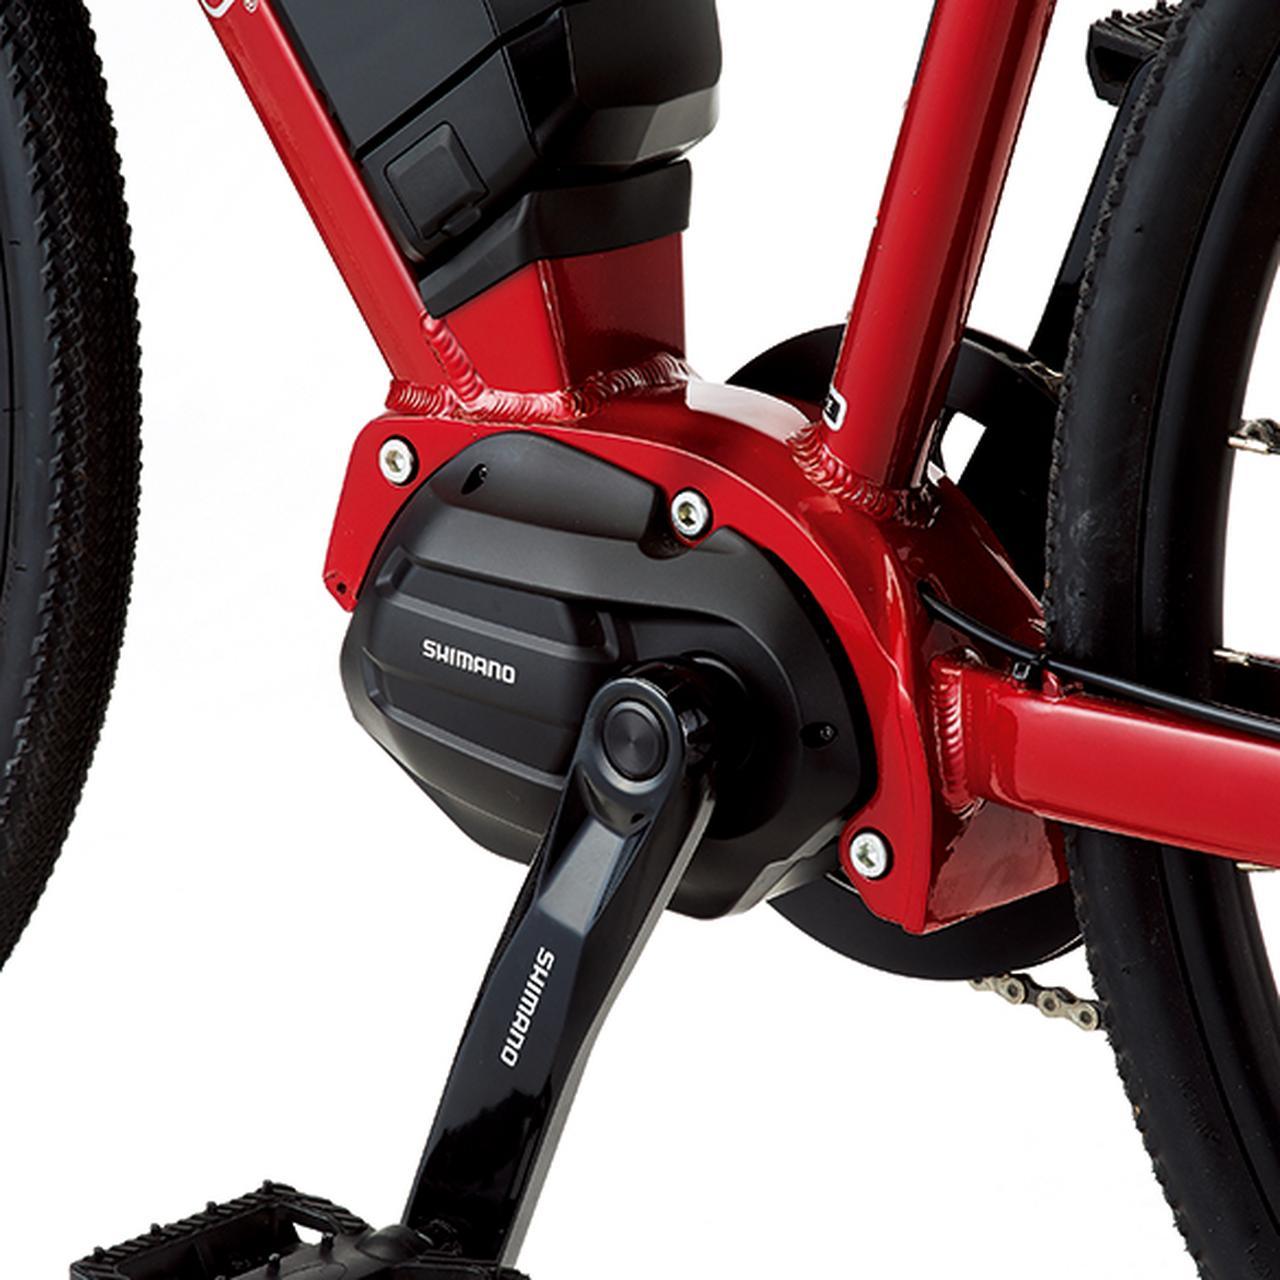 画像1: 【ルイガノ AVIATOR-E】 初心者でも快適な走行が楽しめるクロスバイクタイプのe-bike